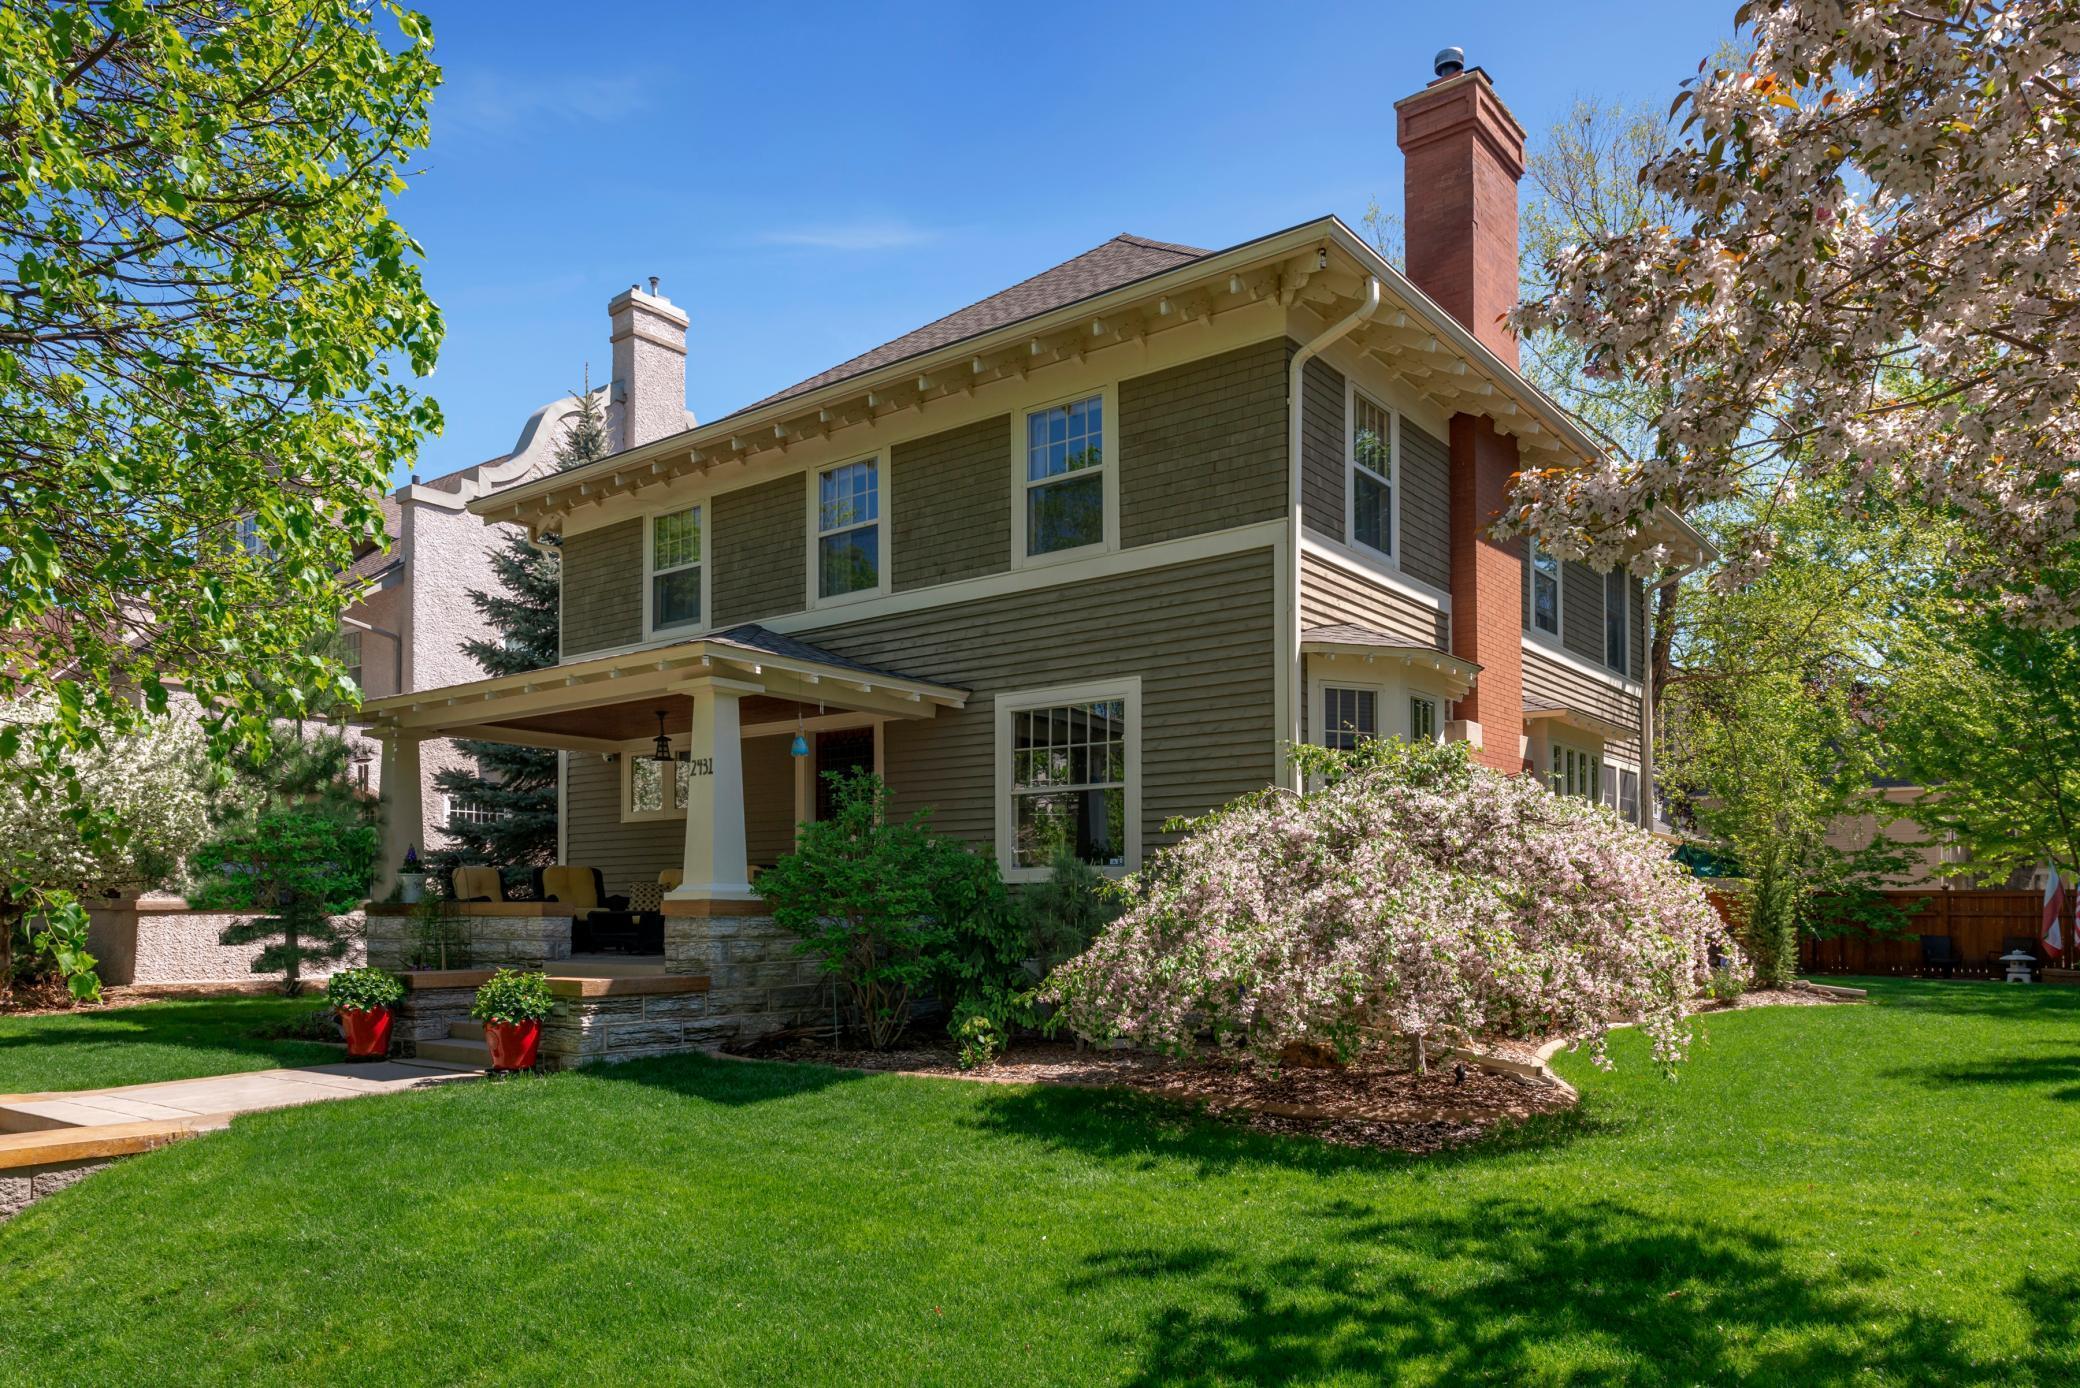 , Minneapolis, MN 55405 - Minneapolis, MN real estate listing